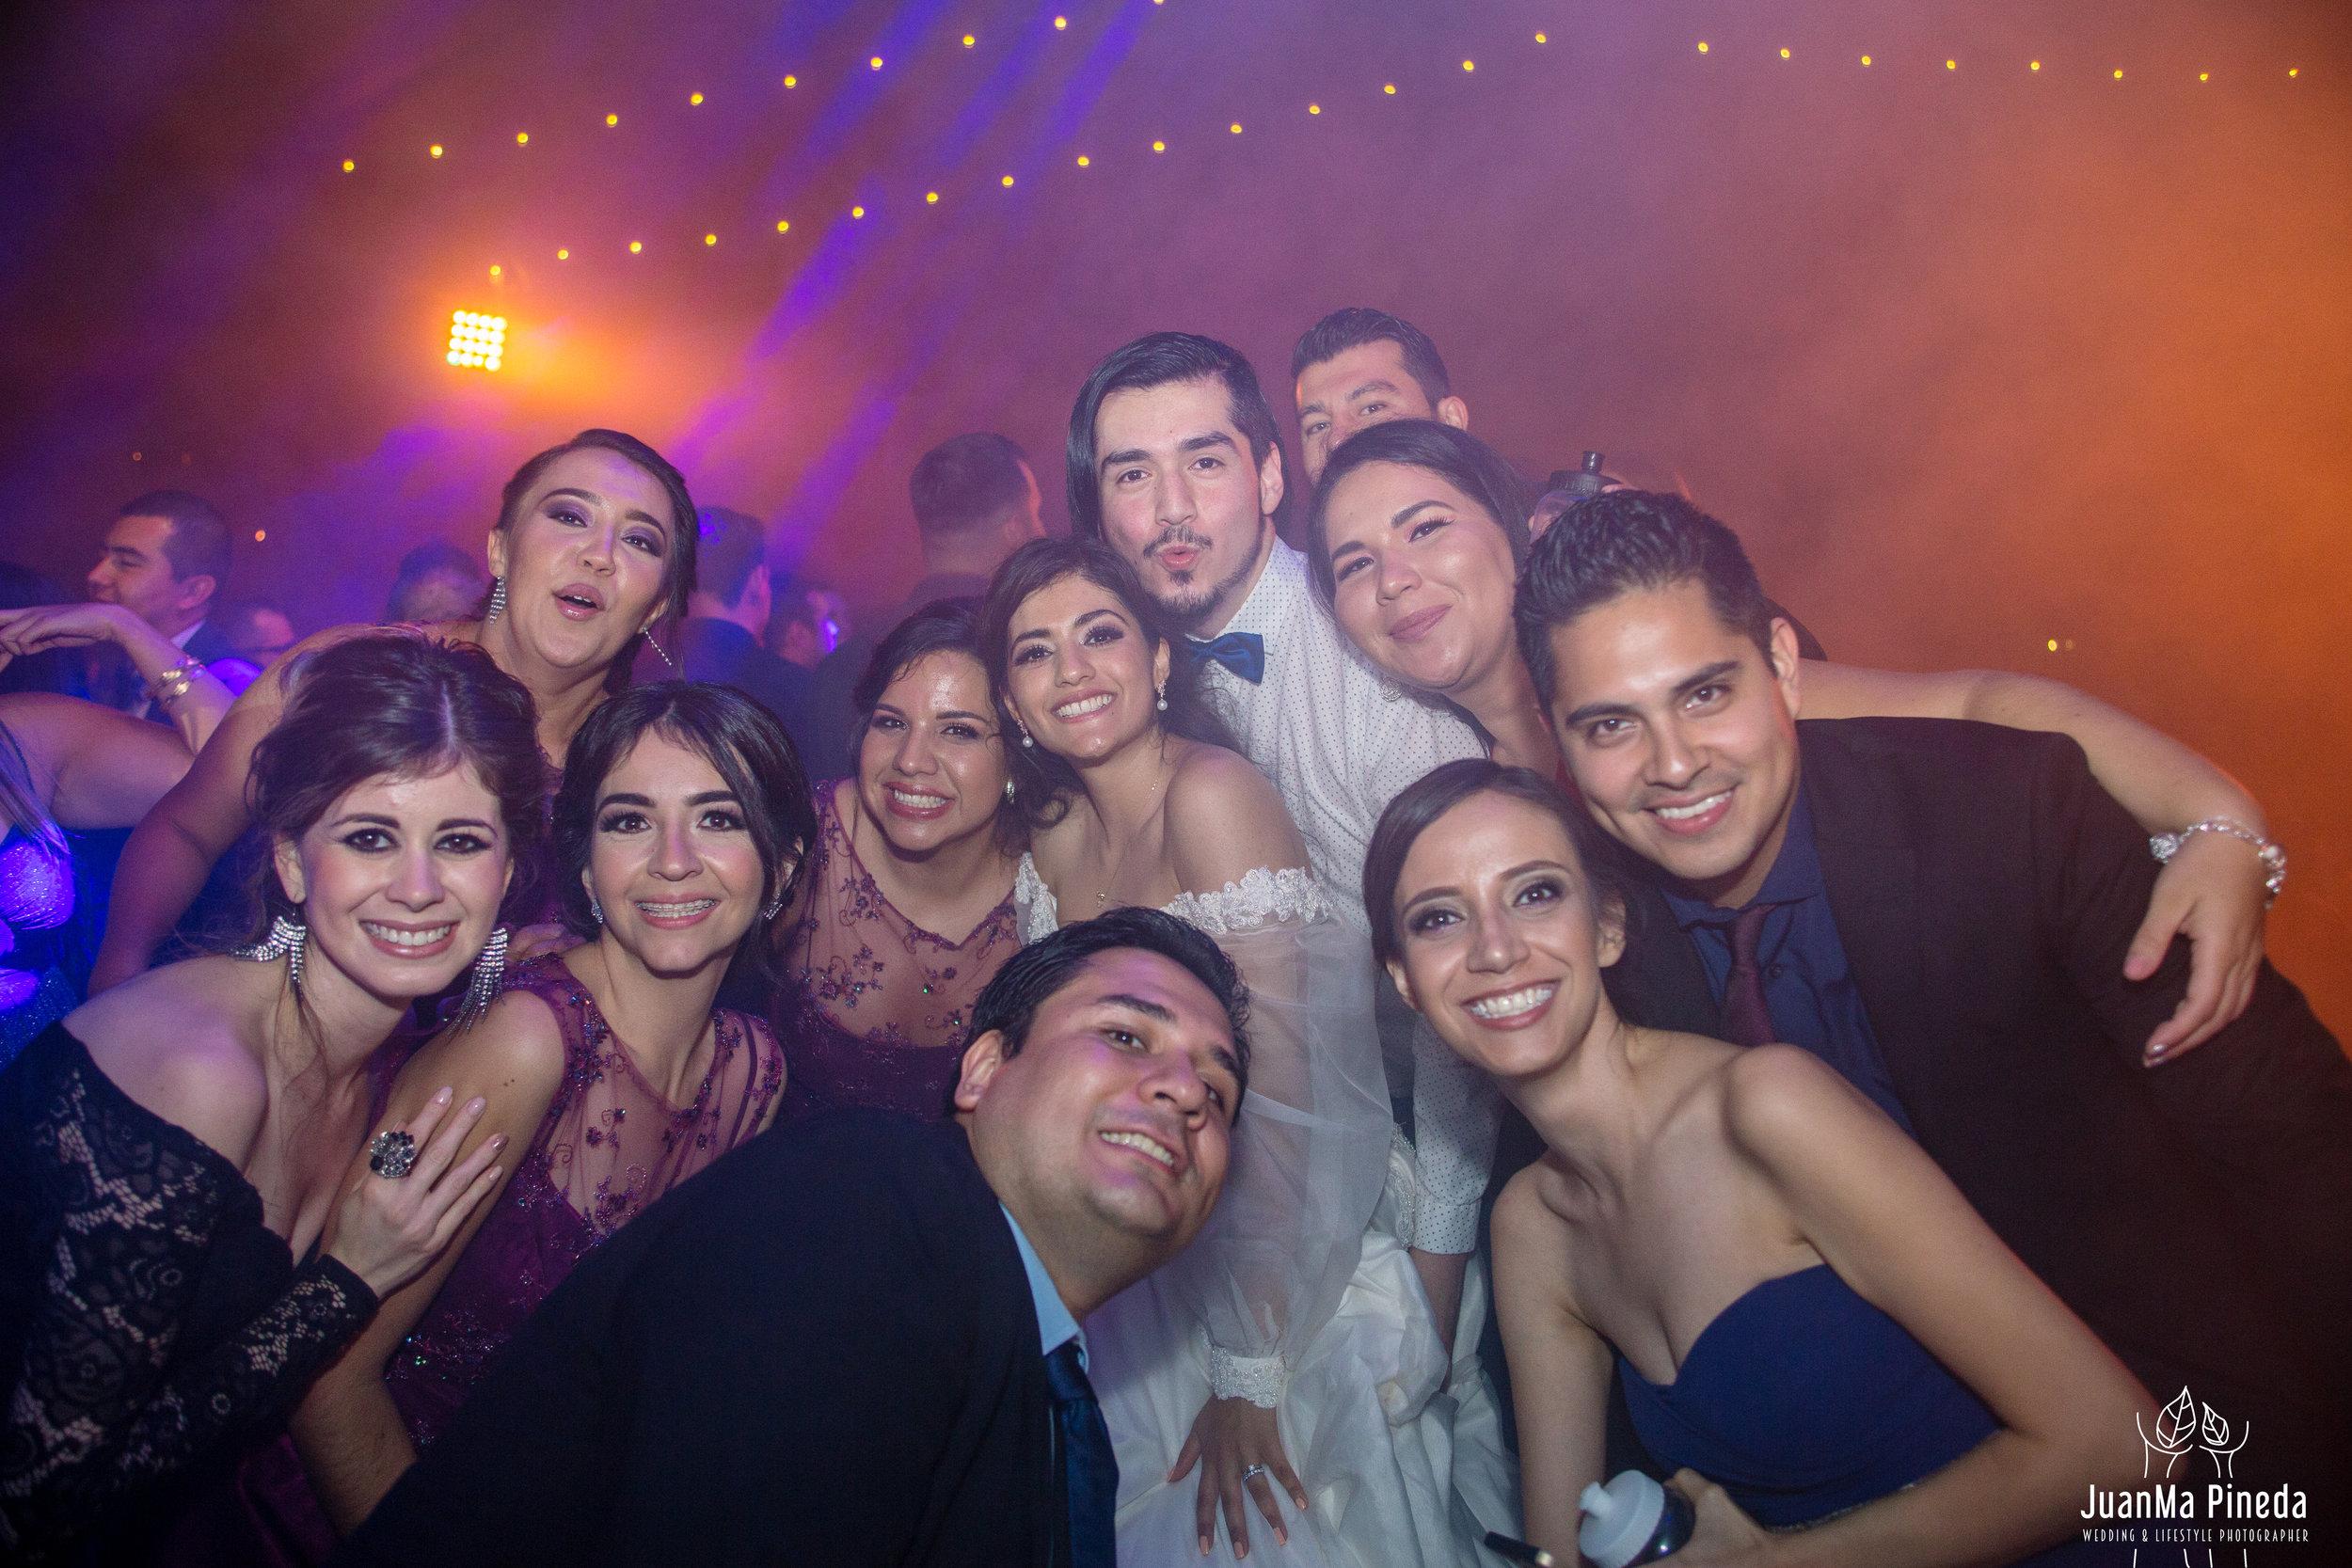 Fotógrafo+Bodas+Guadalajara+Hacienda+Siembra-1-2.jpg